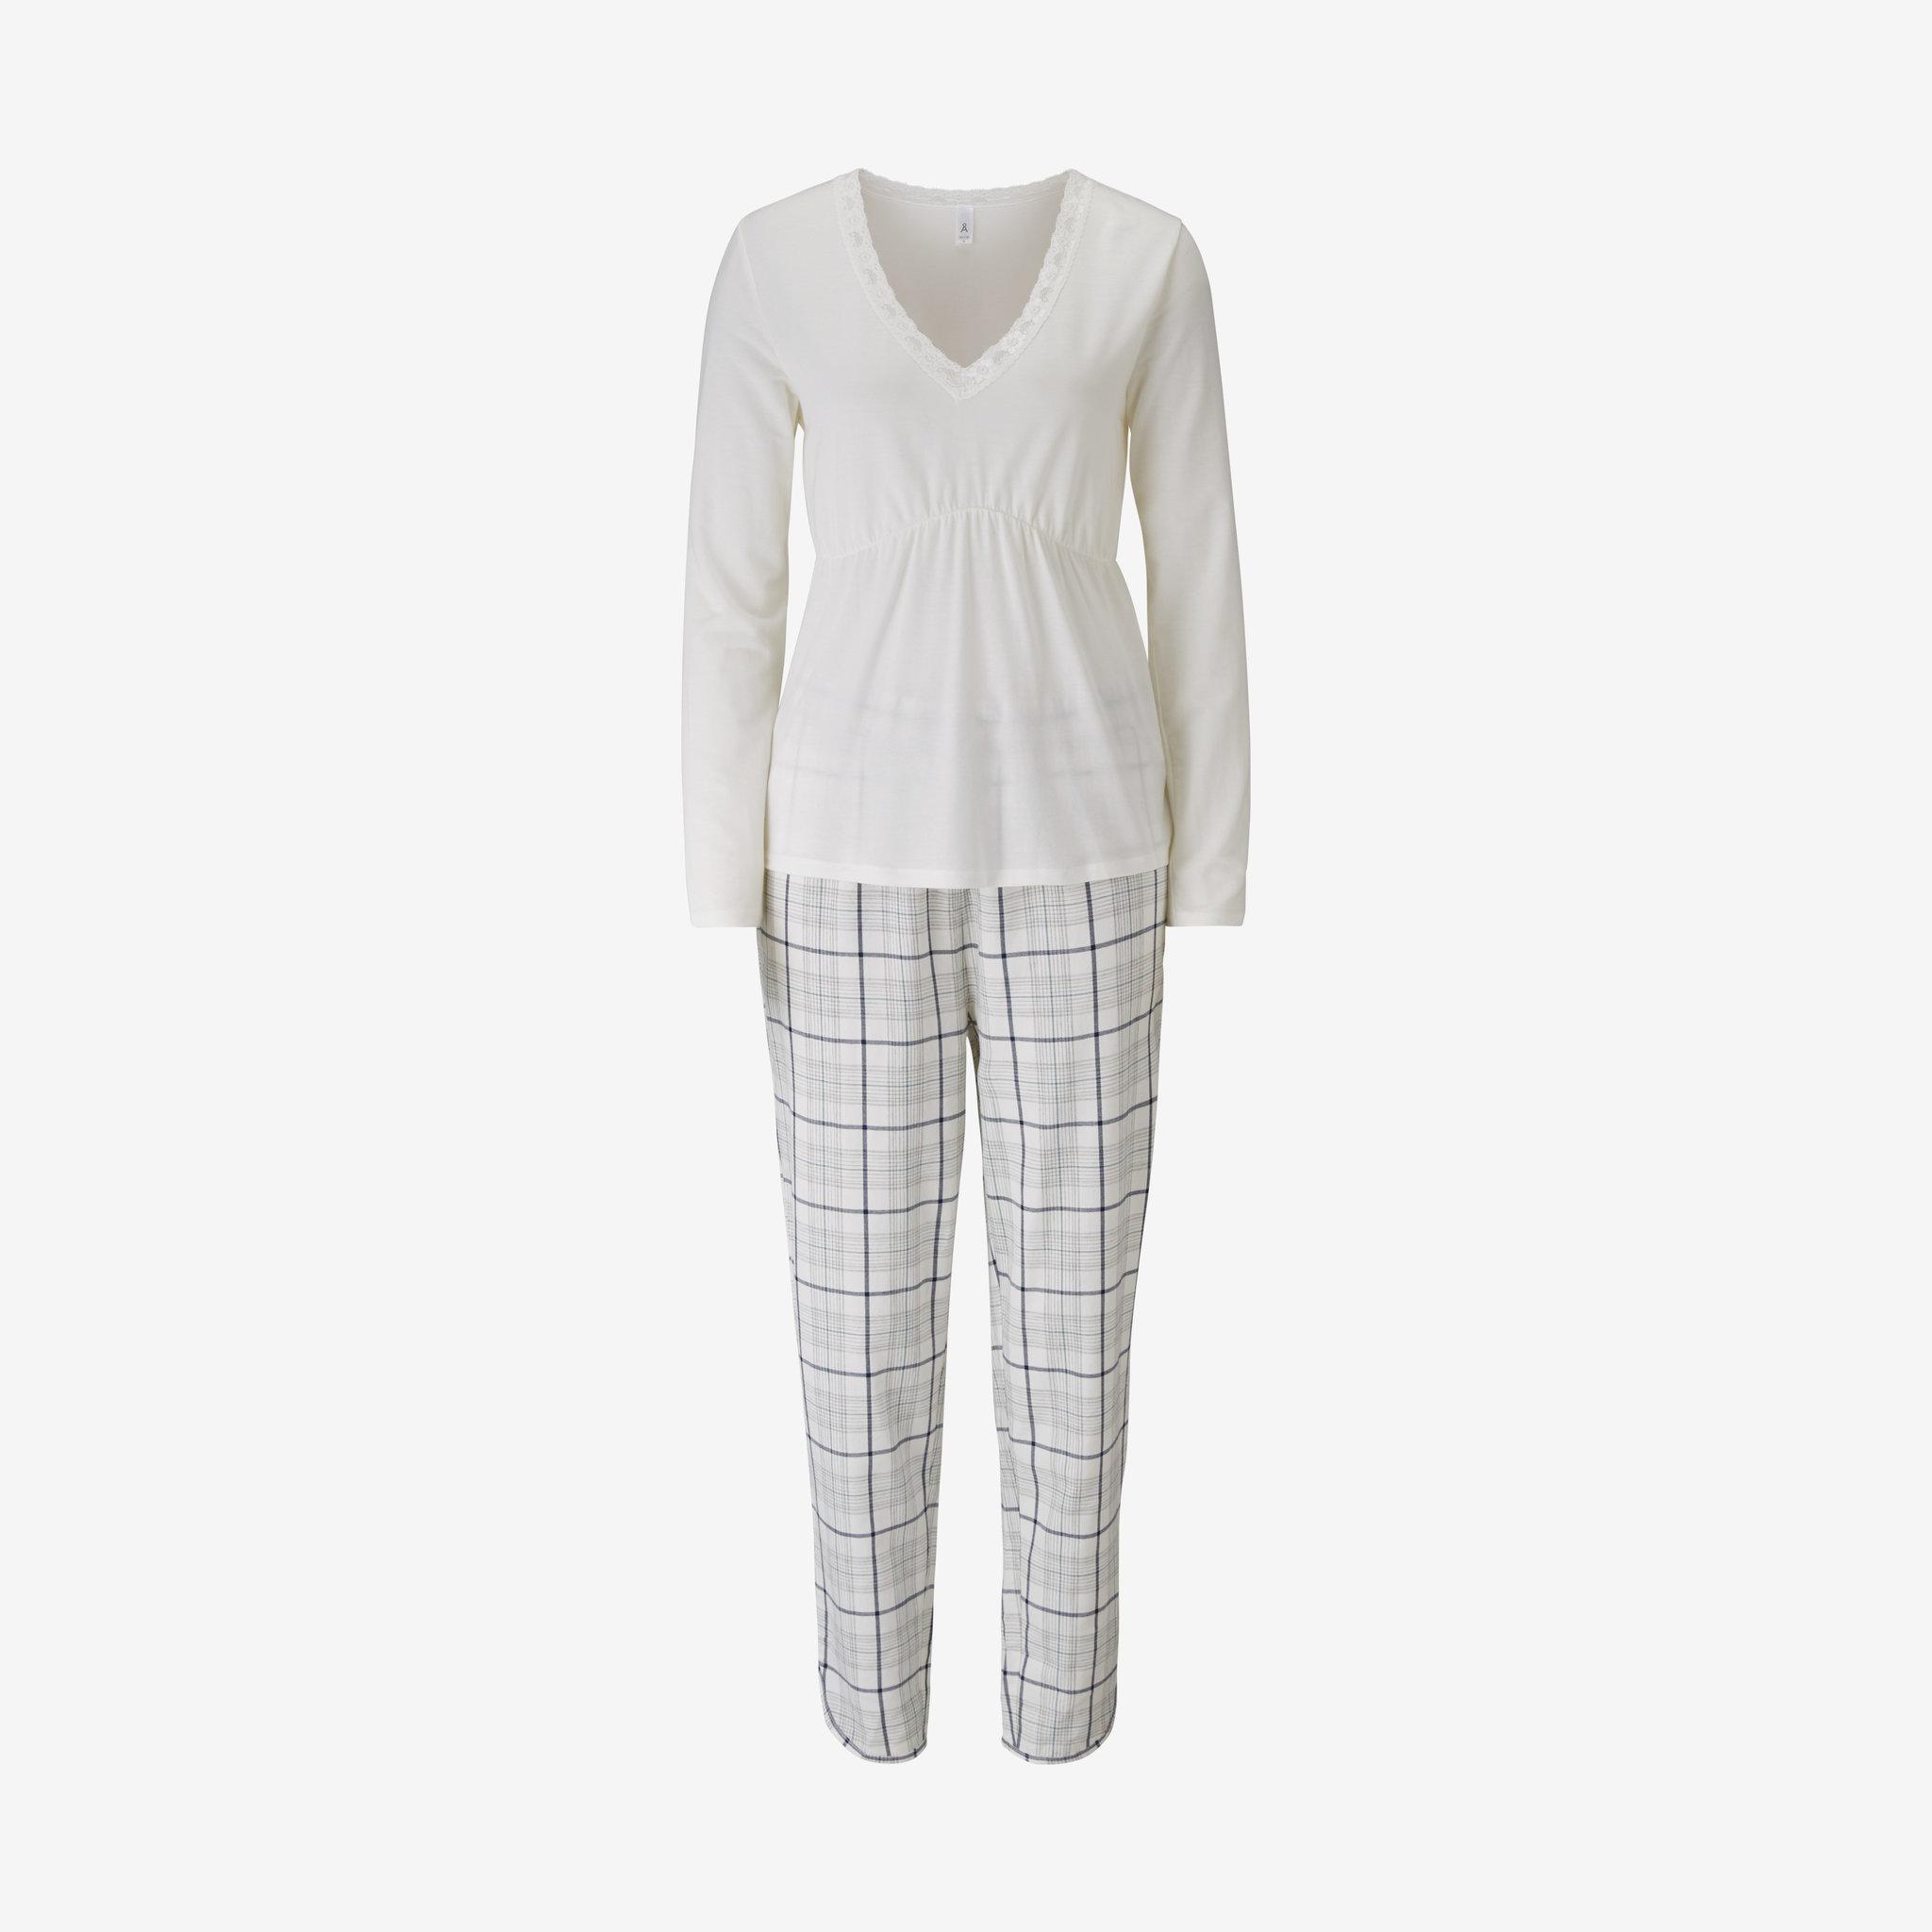 Pyjamas - Sovkläder - Köp online på åhlens.se! 7f3d232db5666